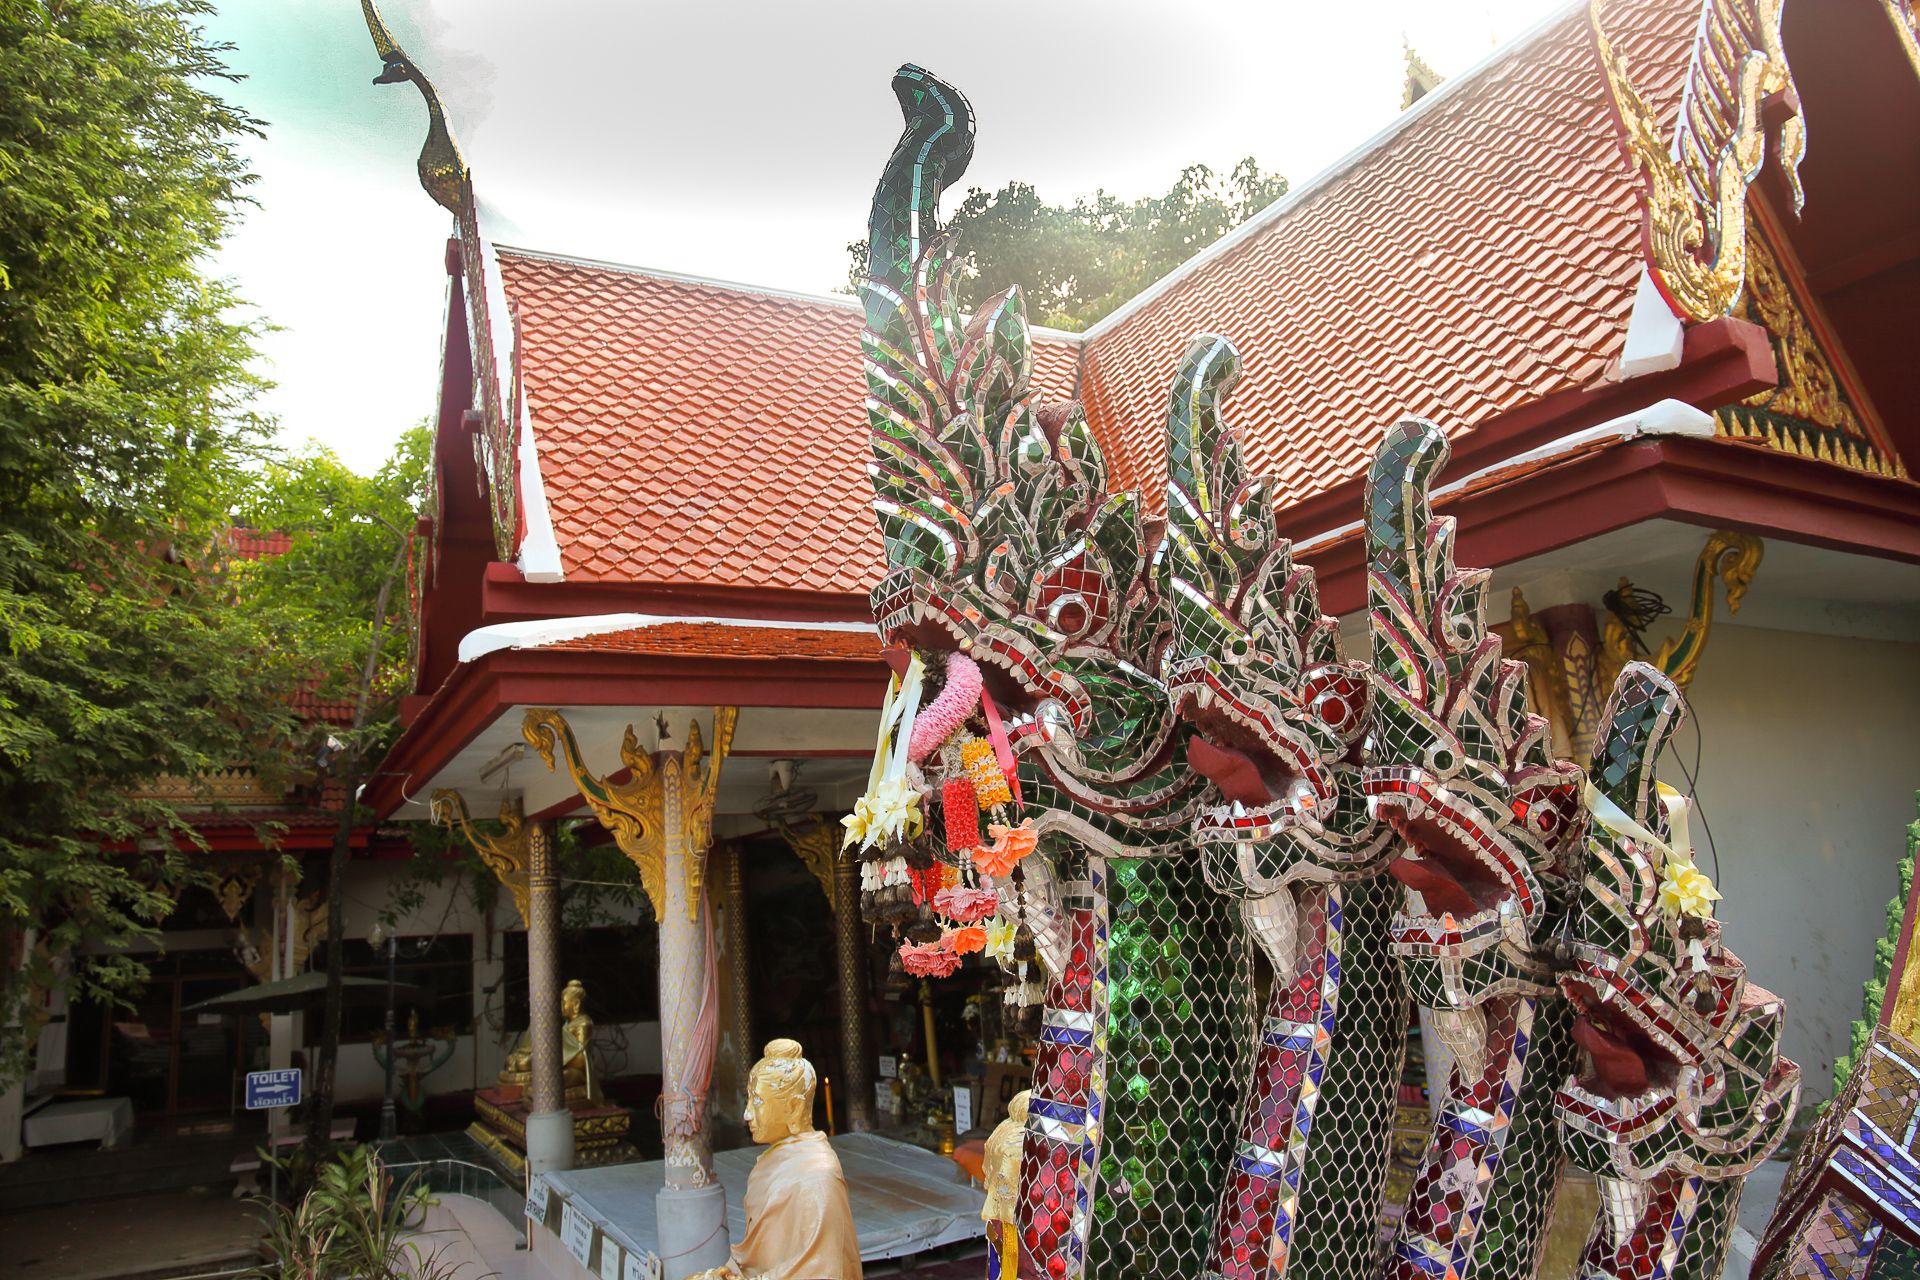 big buddha, биг будда, большой будда, Самуи, Таиланд, Samui, Thailand, буддизм, наги, мифы, змеи, дракон